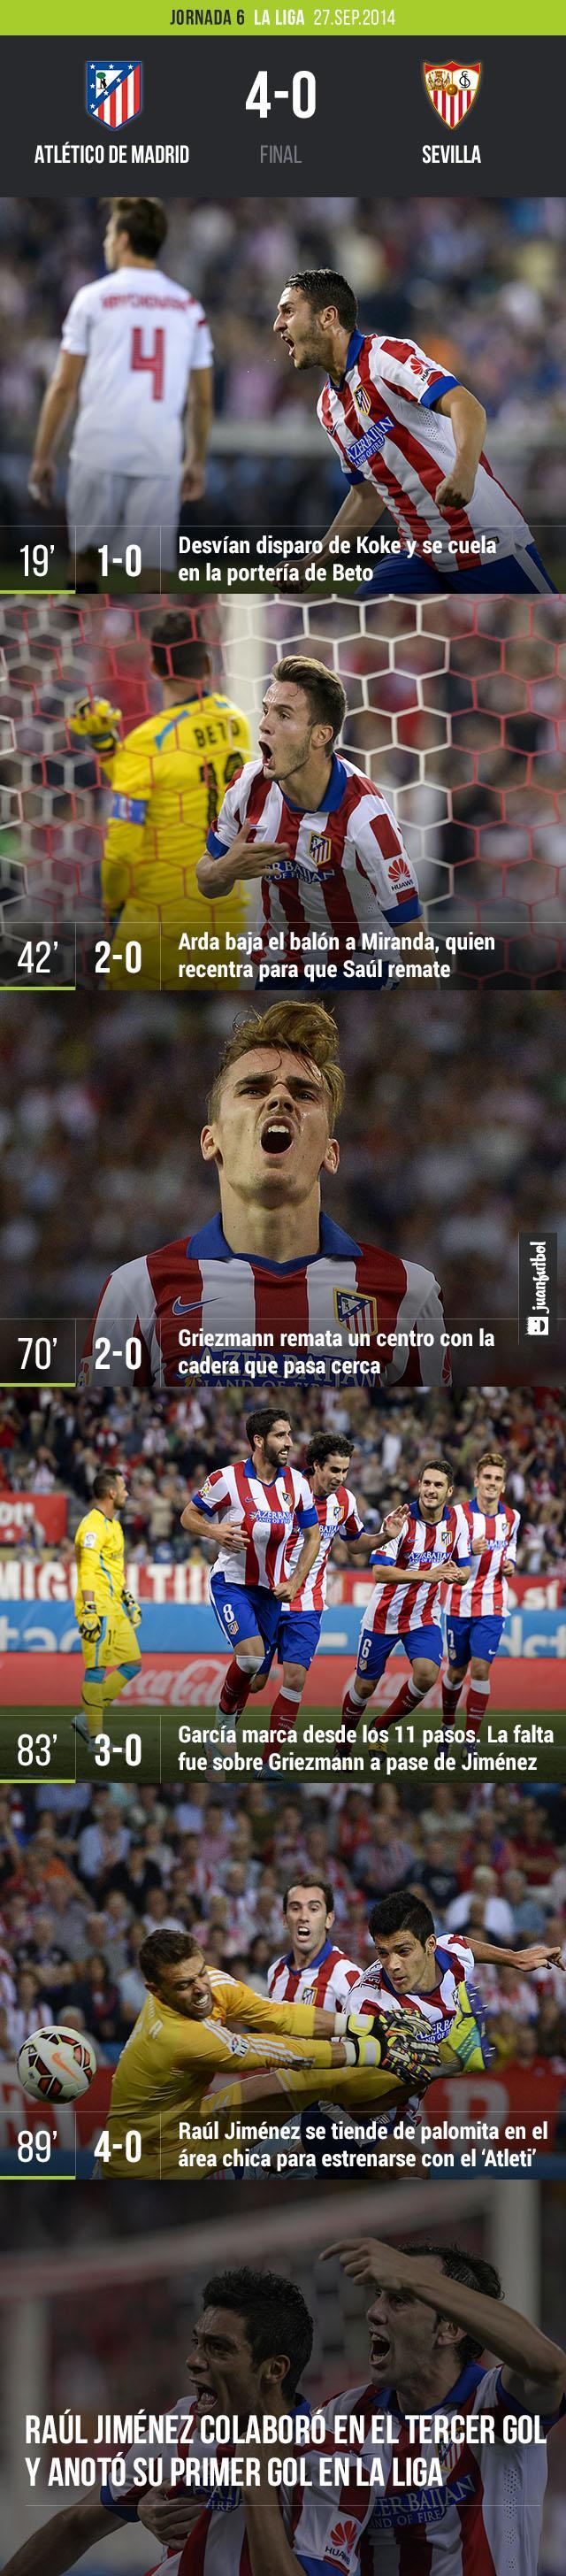 El Atlético de Madrid golea al Sevilla